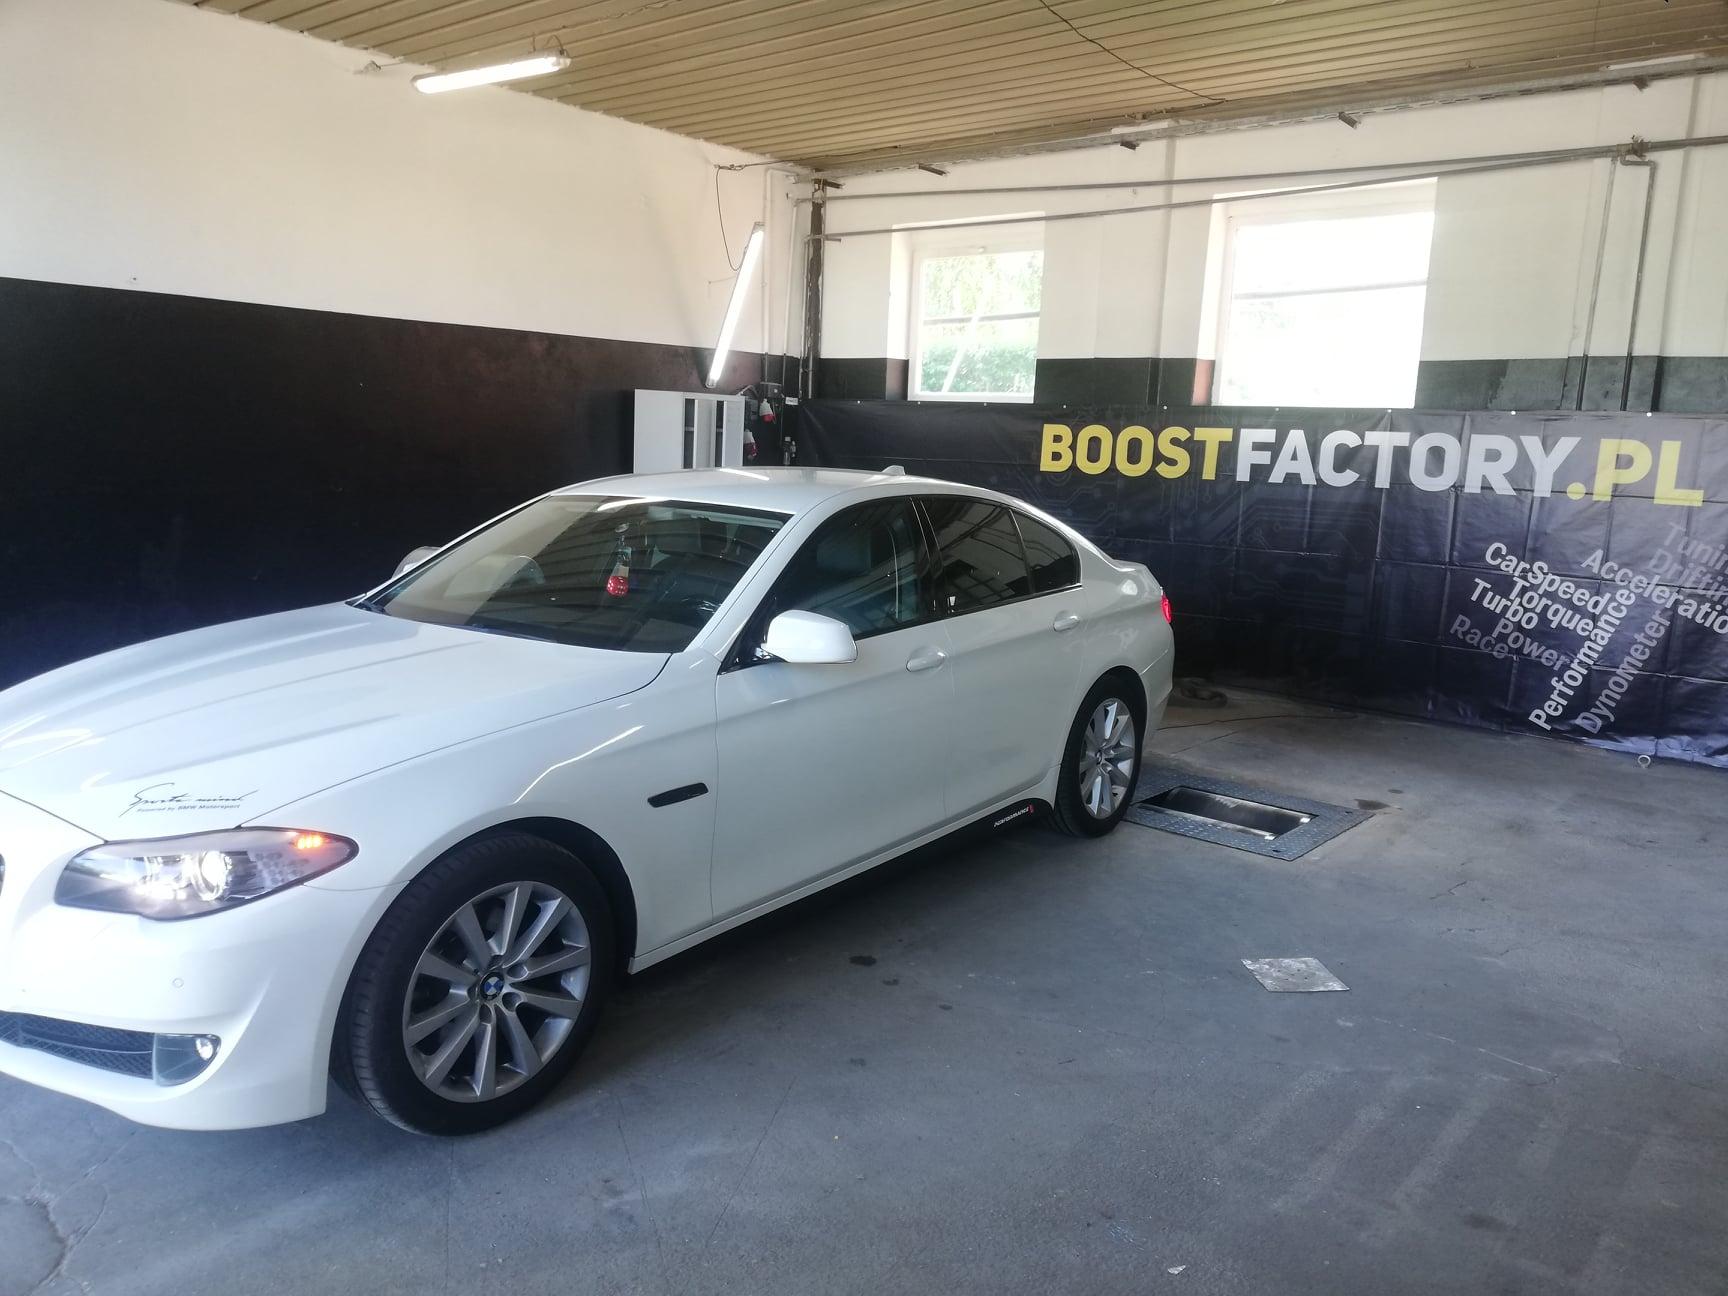 BMW F10 520D 184KM >> 224KM 468Nm